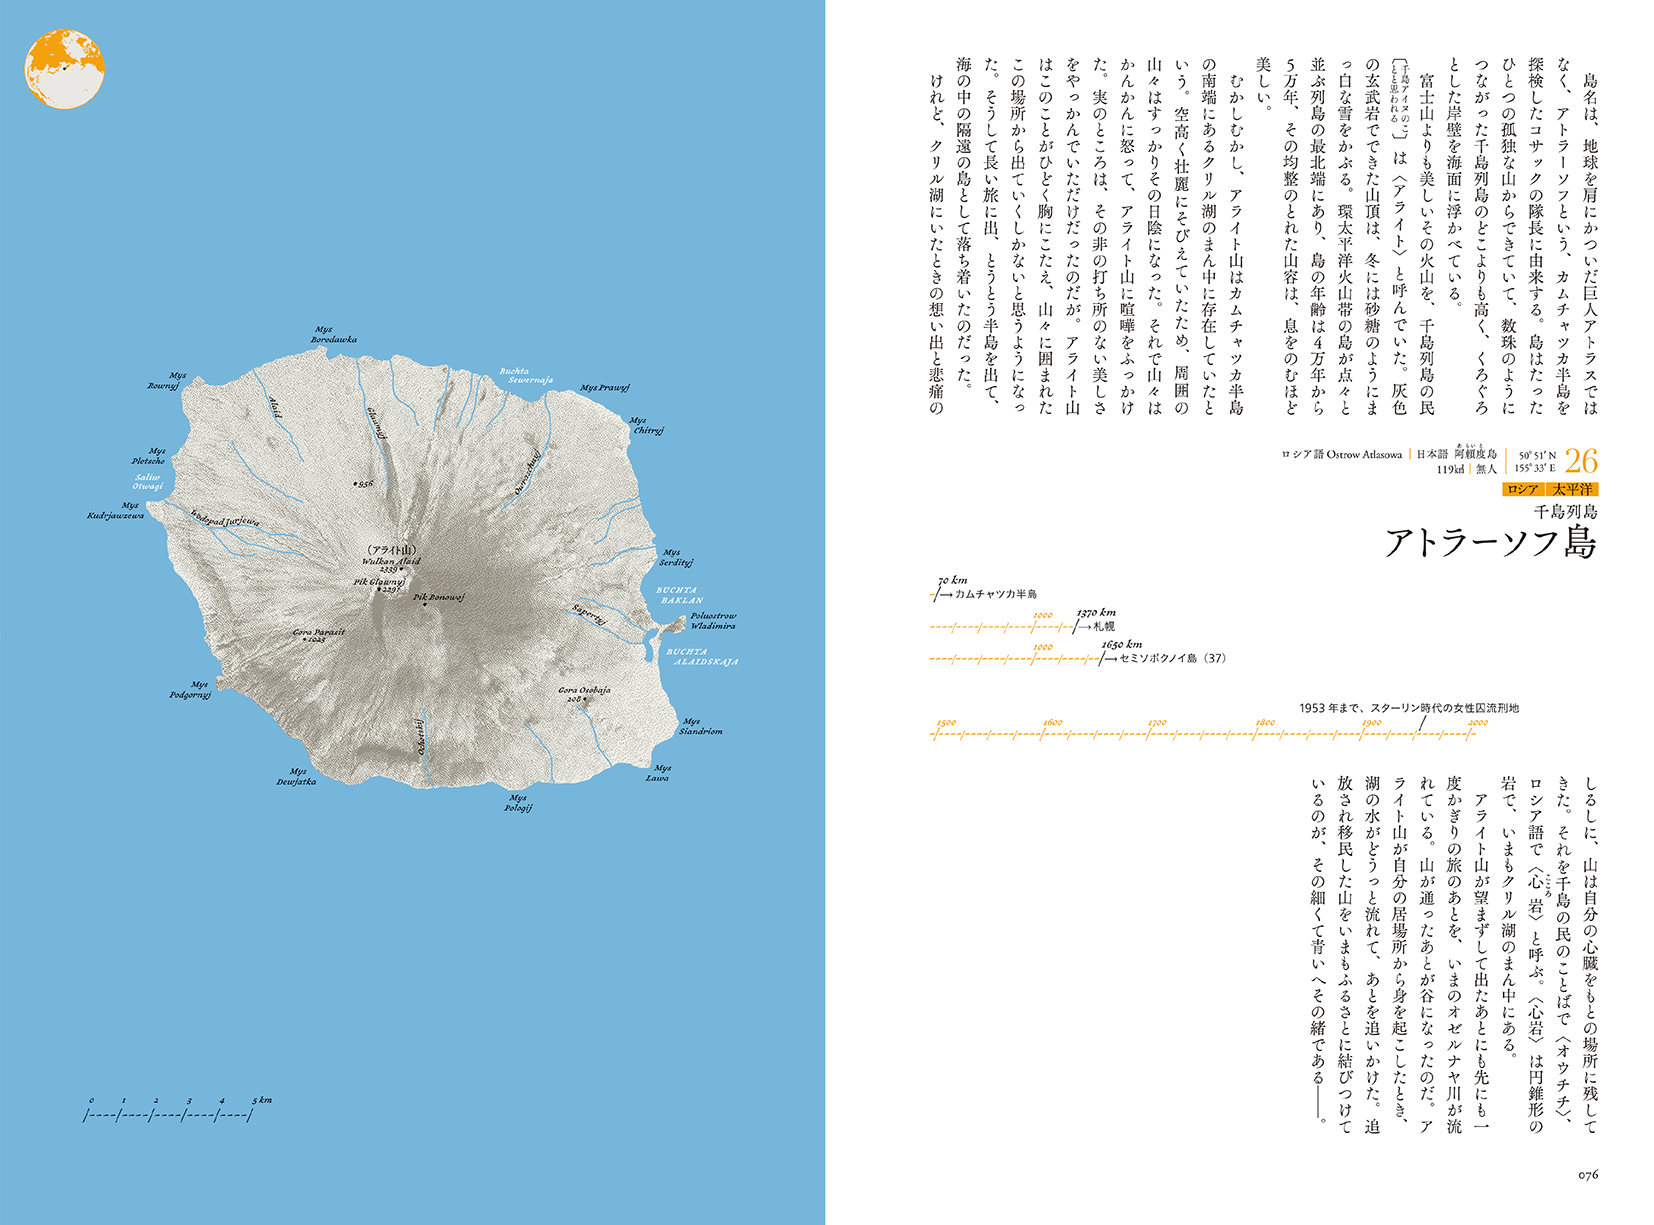 奇妙孤島76-77.pdf